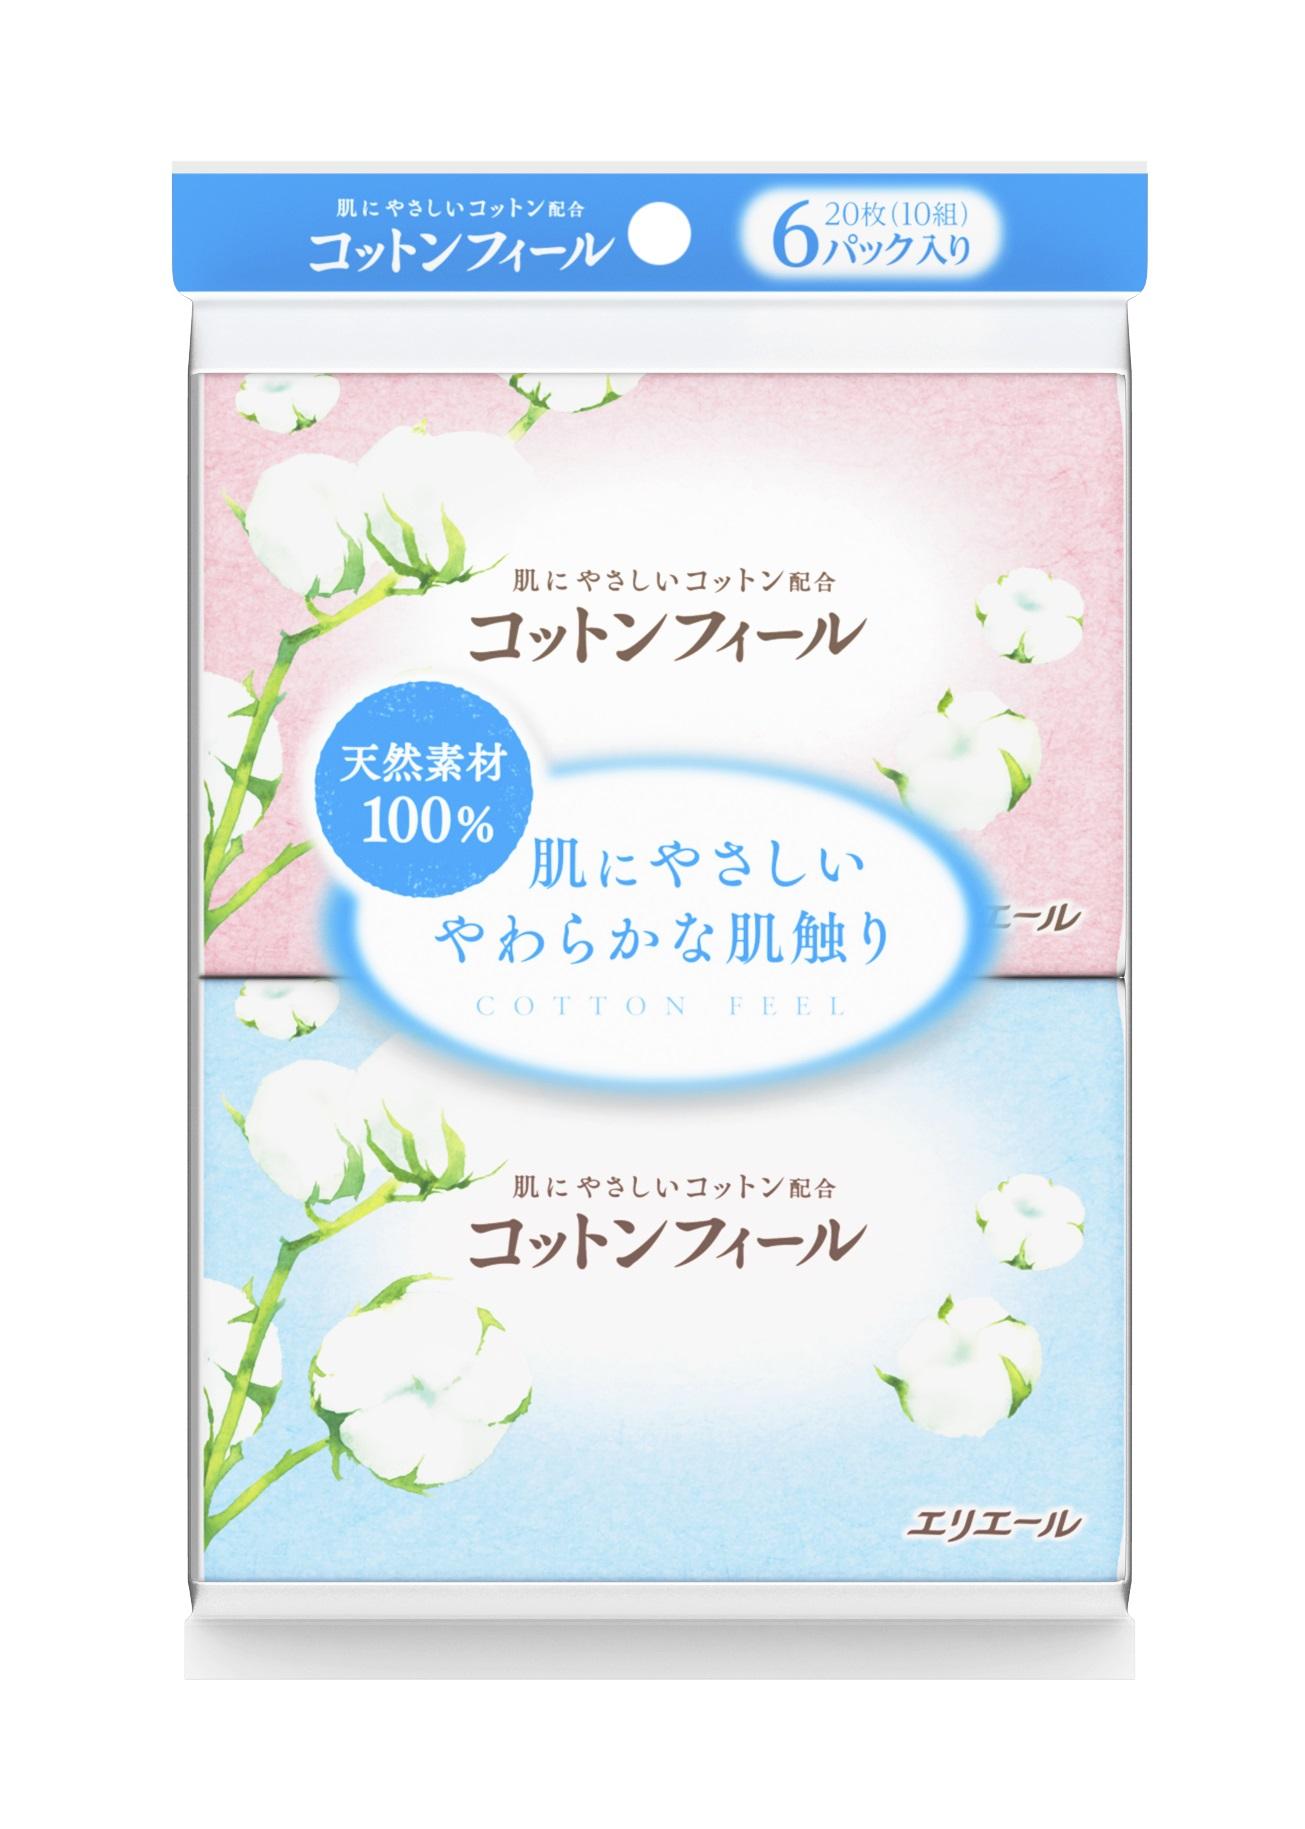 Салфетки Elleair (Элеар) бумажные неароматизированные Cotton Feel 6 уп. по 10 шт.